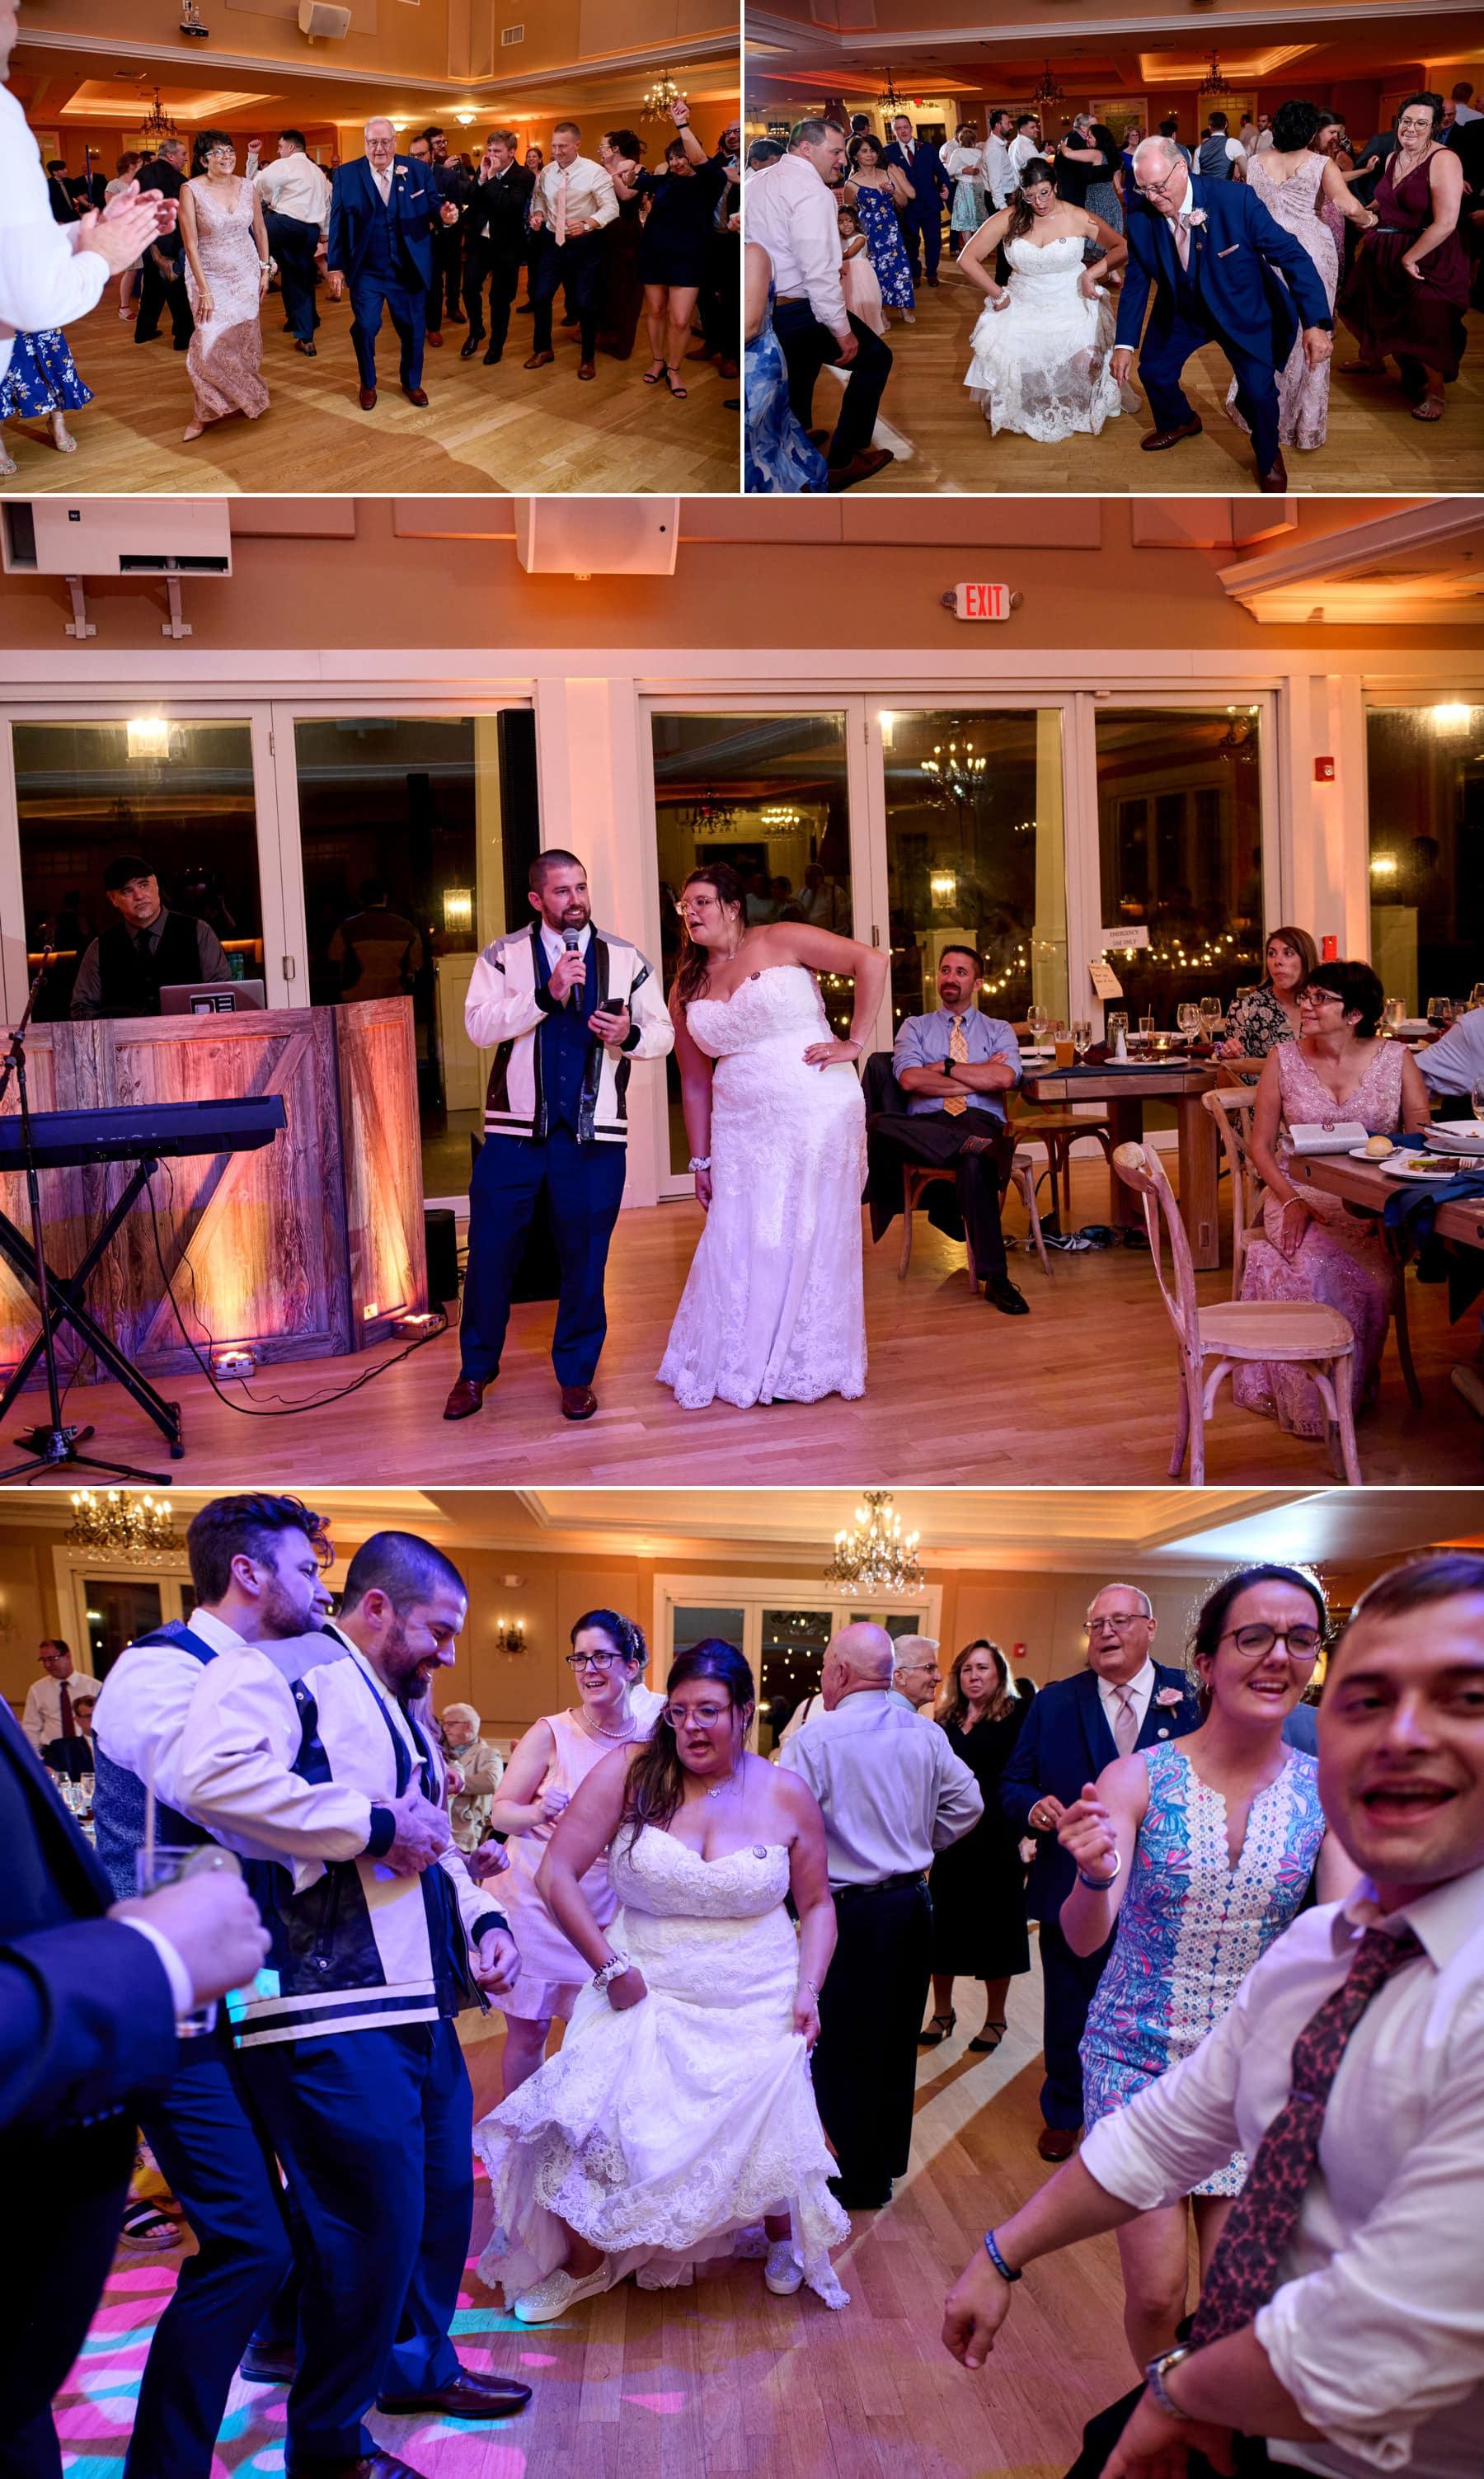 bear brook valley wedding dance floor